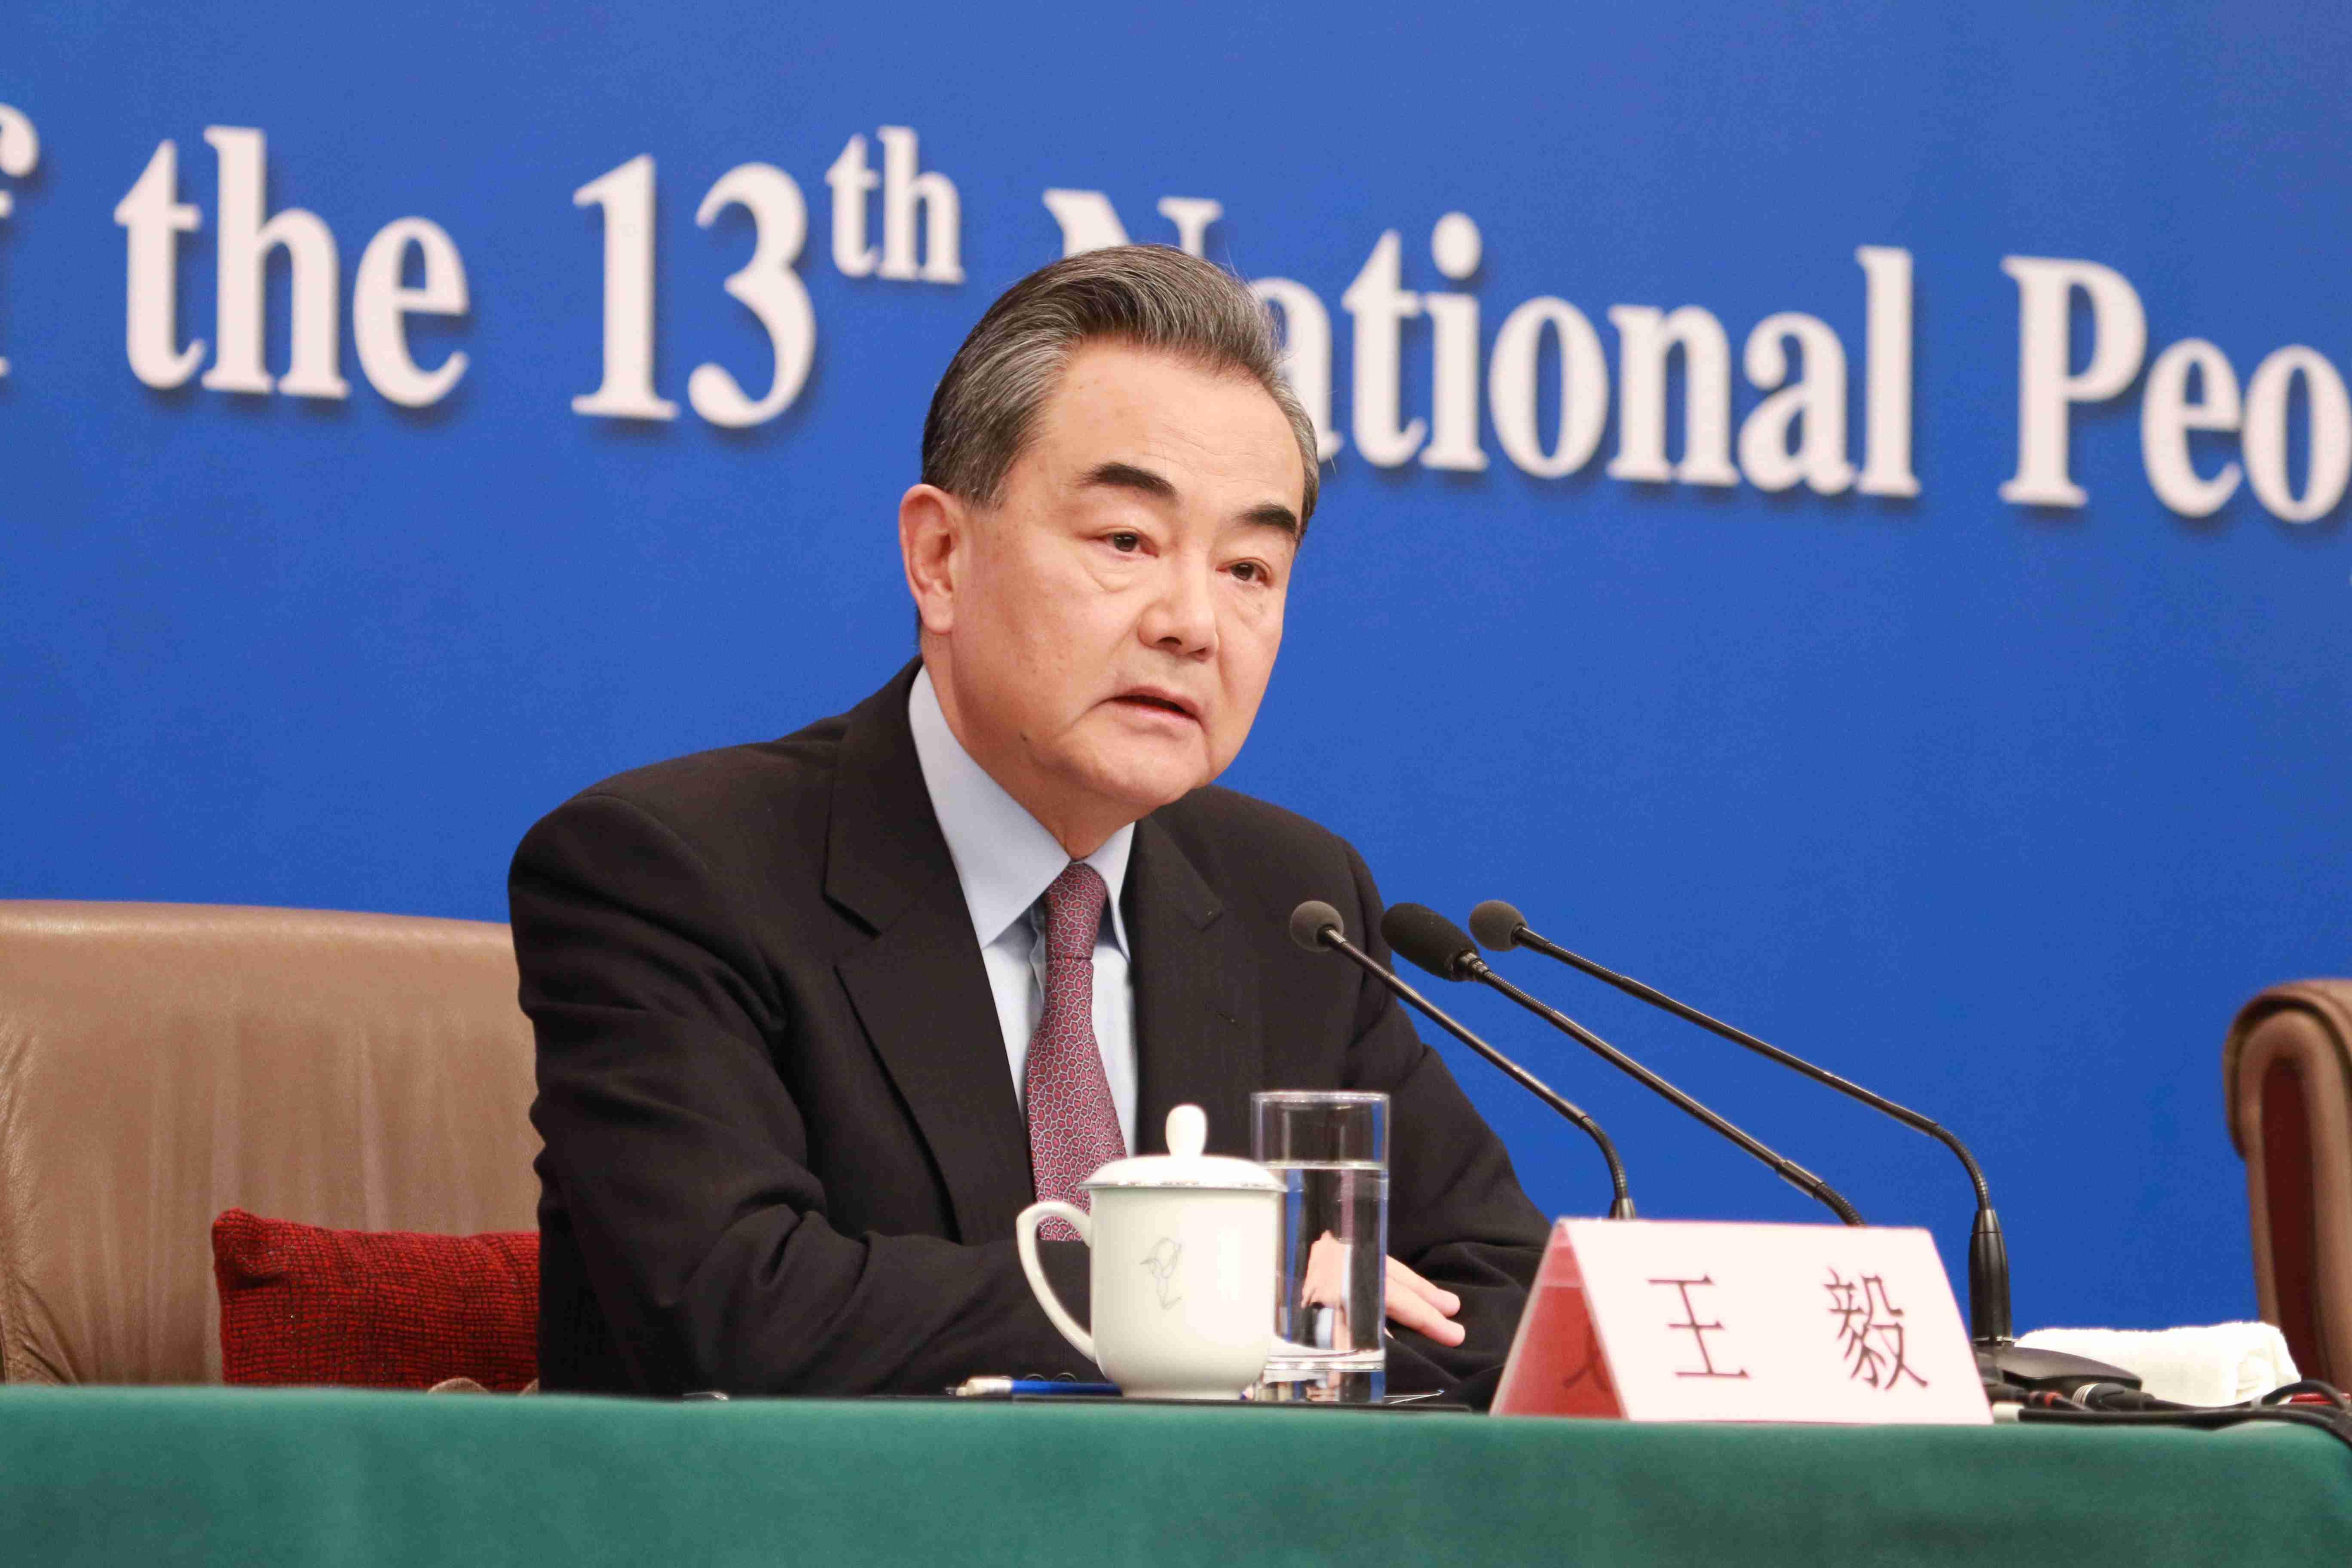 国务委员兼外交部长王毅谈中国外交政策和对外关系记者会